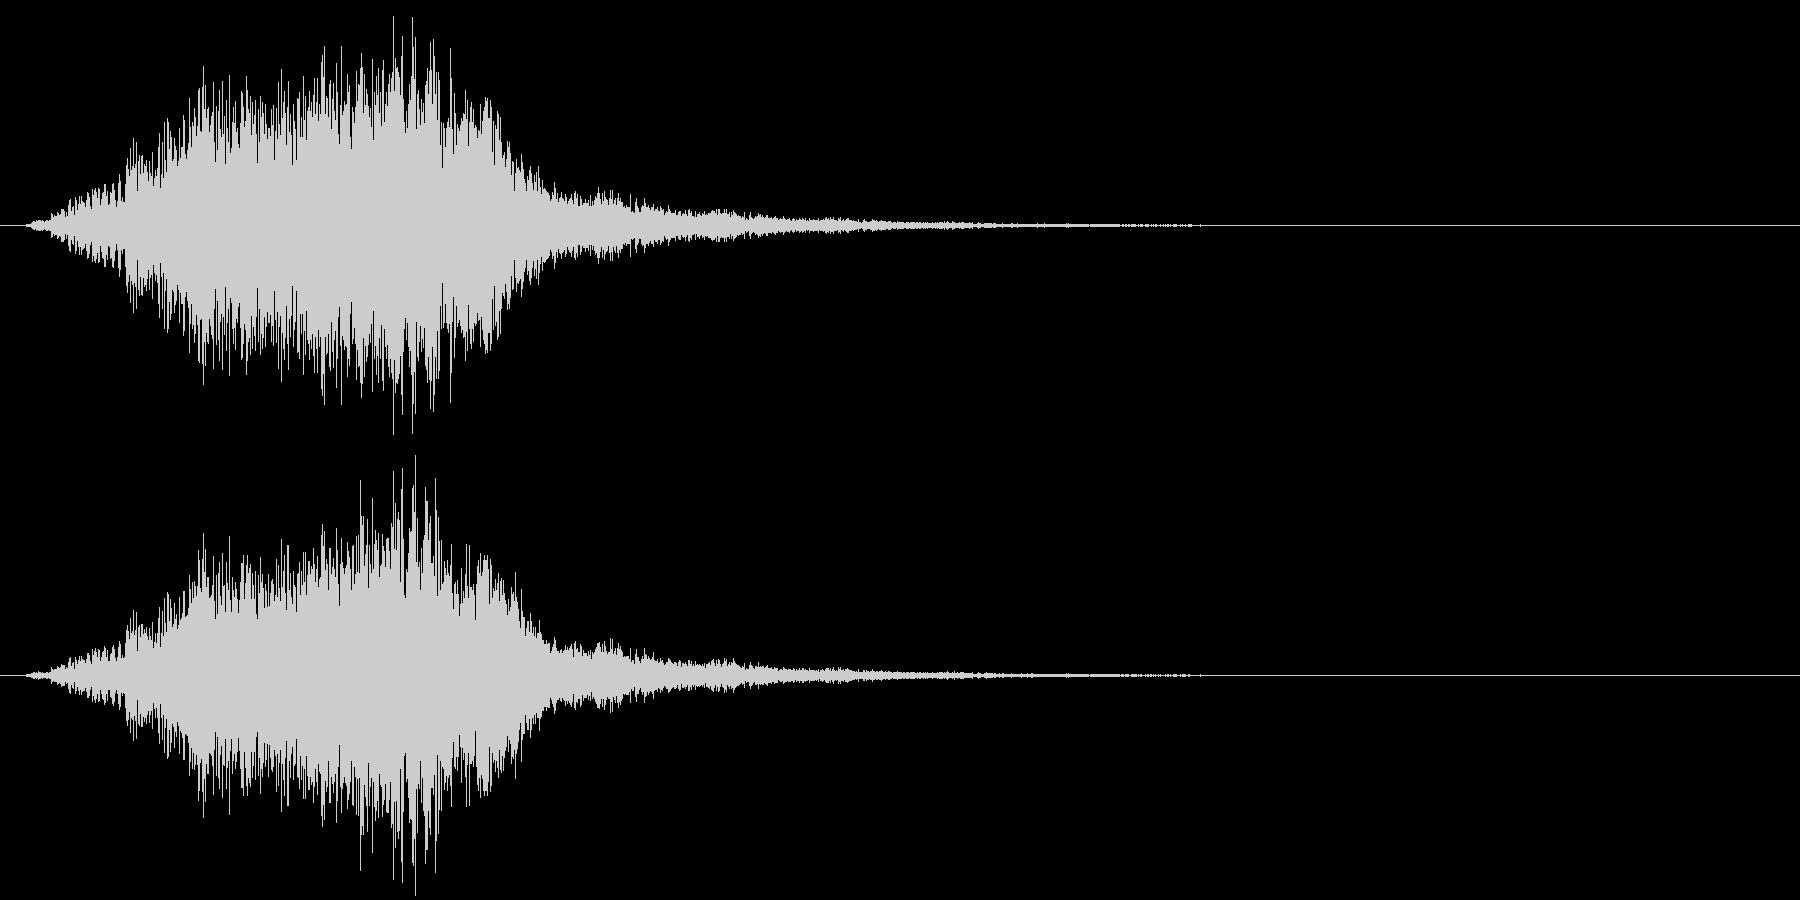 シャラララン!なキラキラ音1の未再生の波形